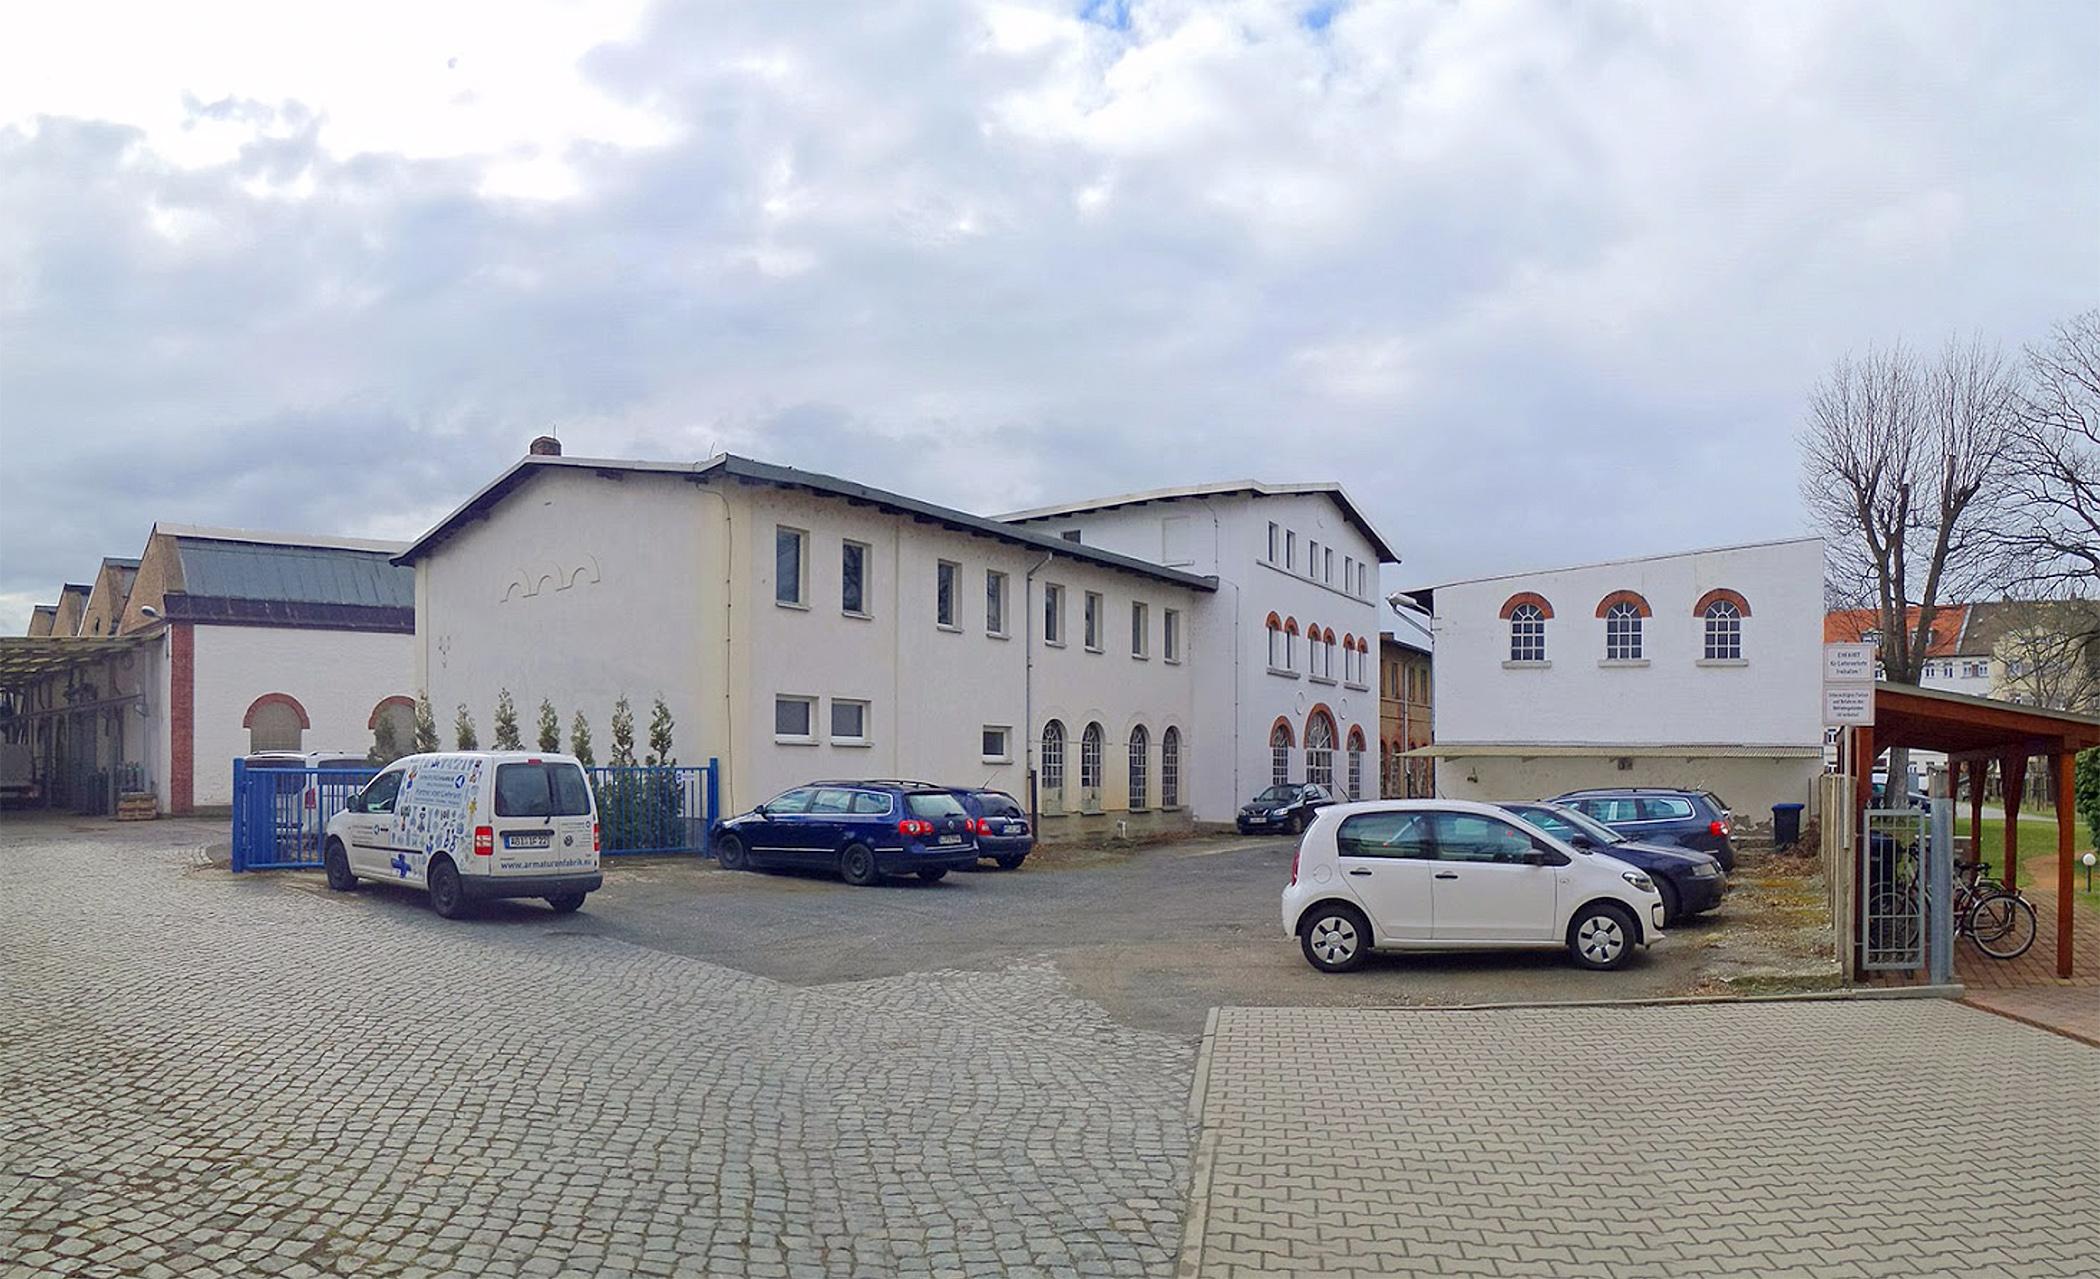 Tafeleinweihung StadtwanderwegIndustriekulturWurzen und Führung durch das Unternehmen Industriefabrik Schneider GmbH Werk II Wurzen